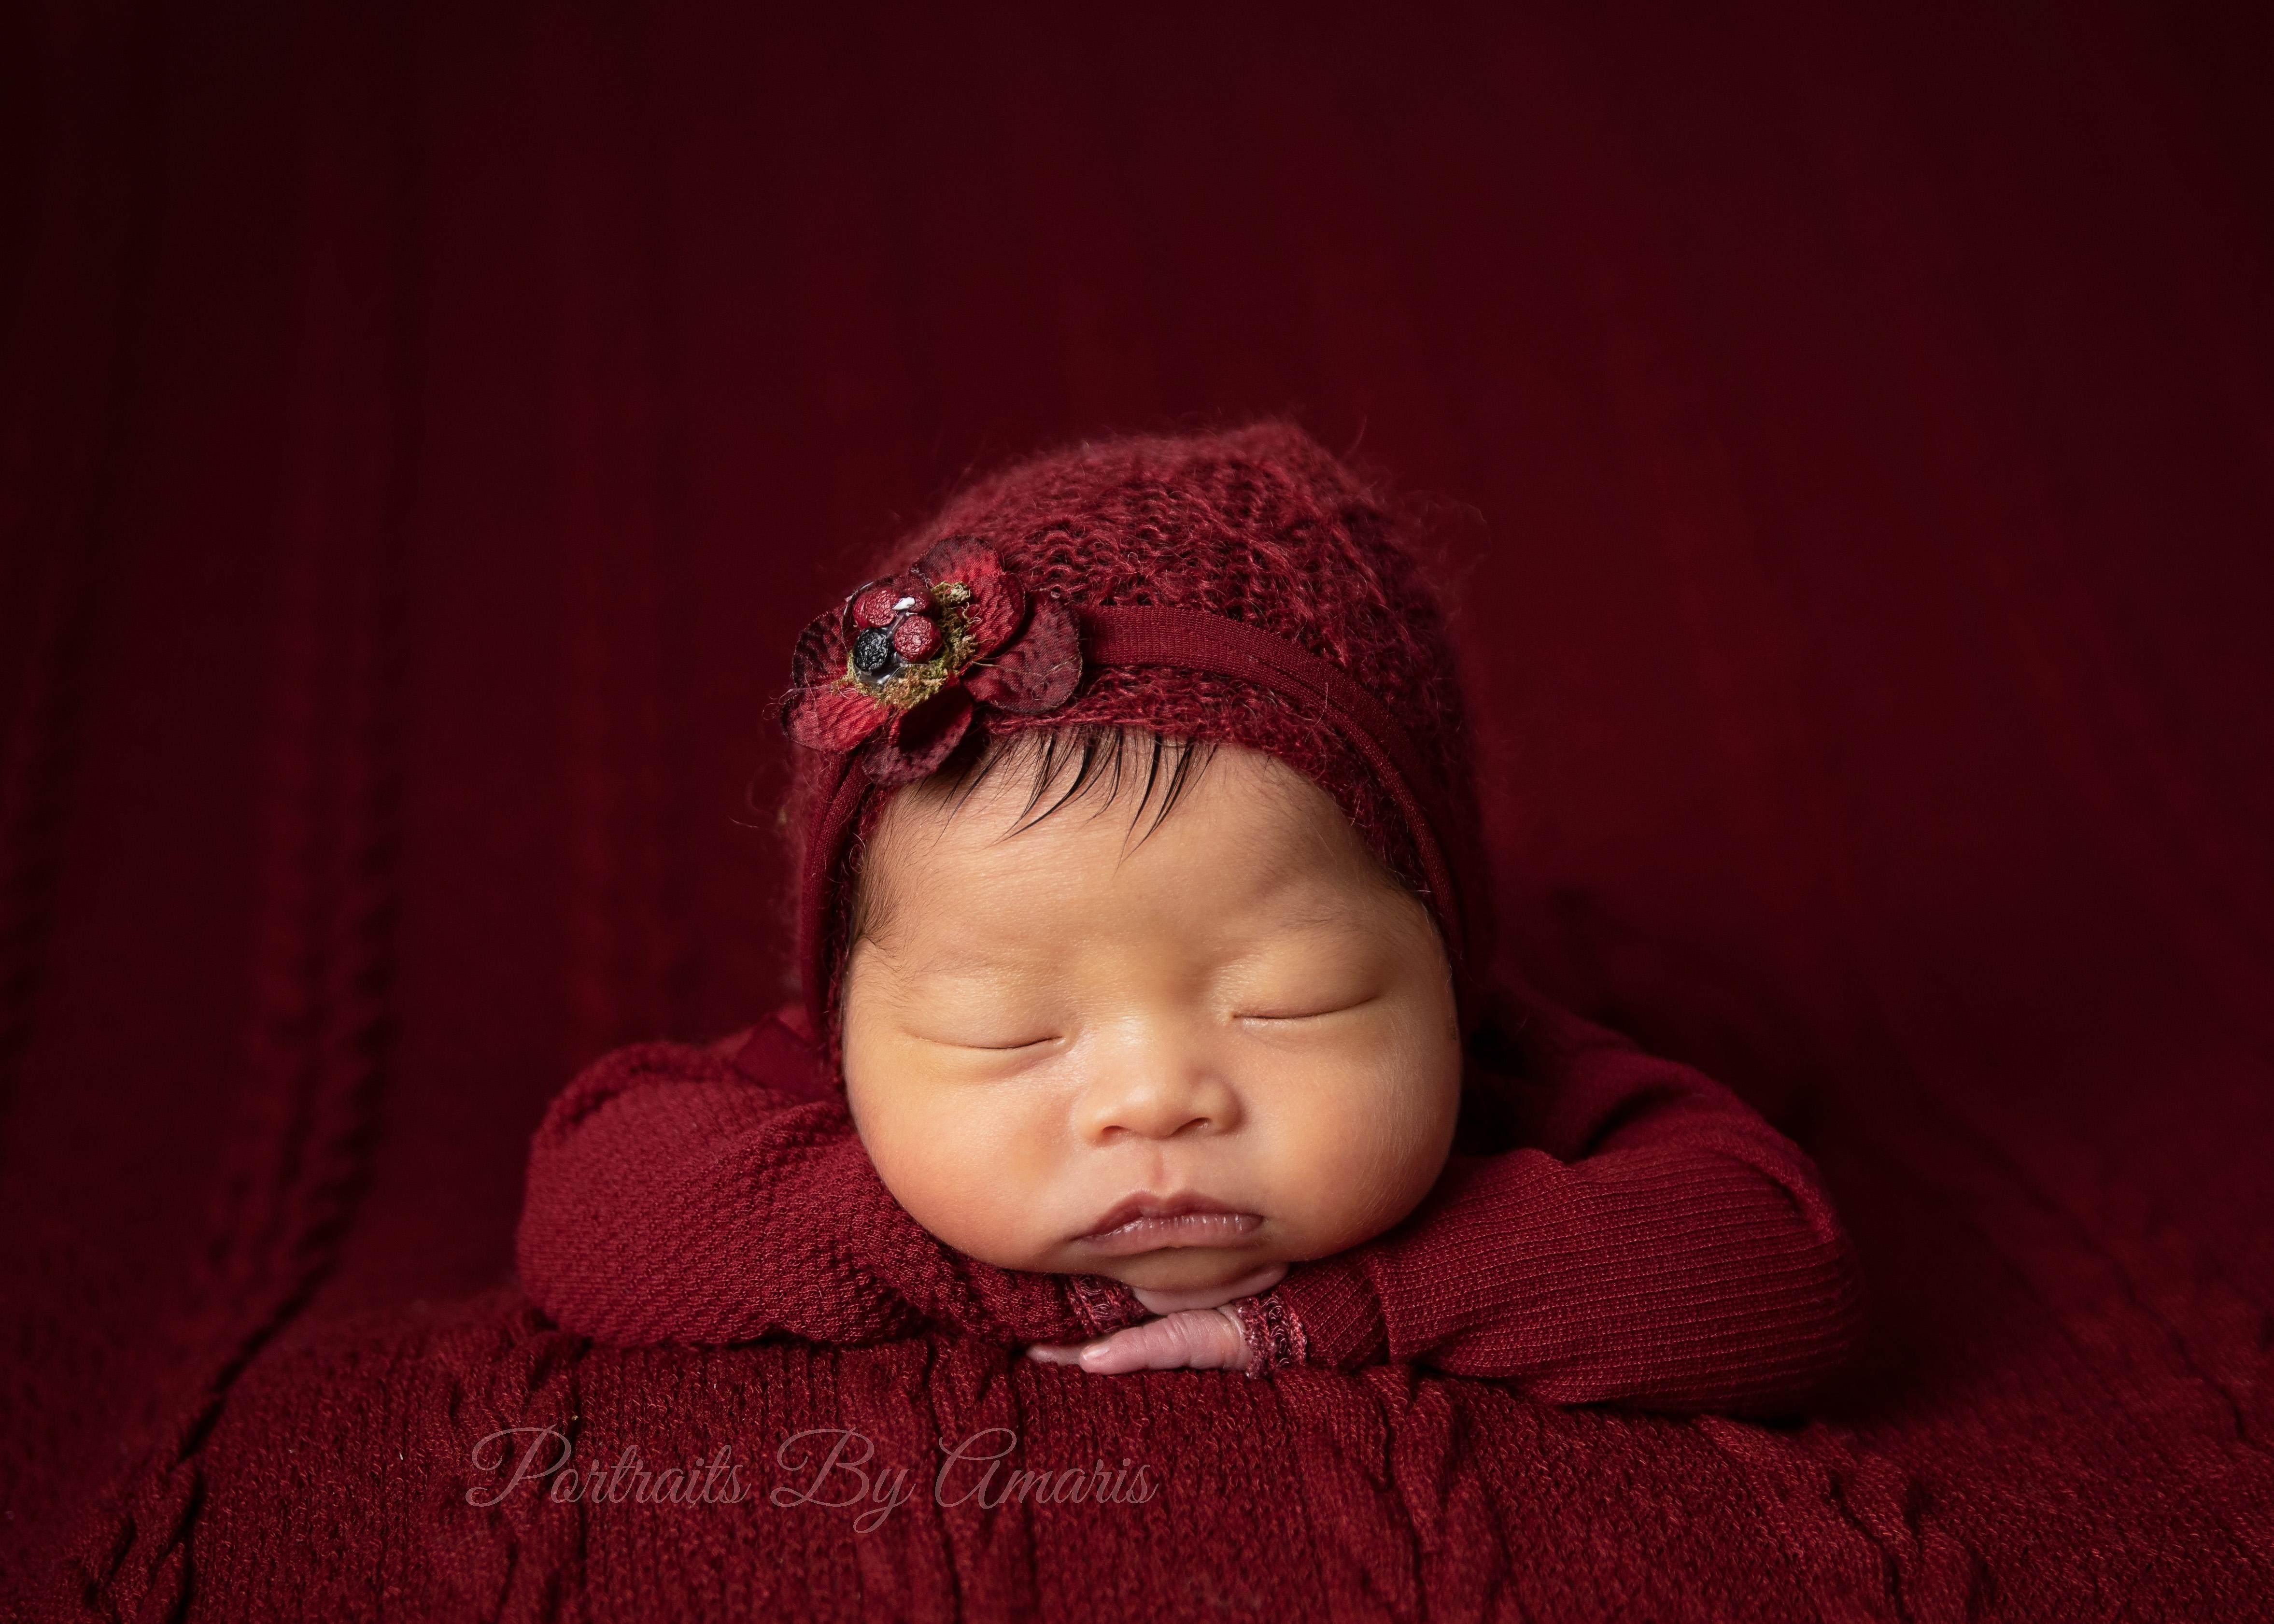 Christmas-Red-Newborn